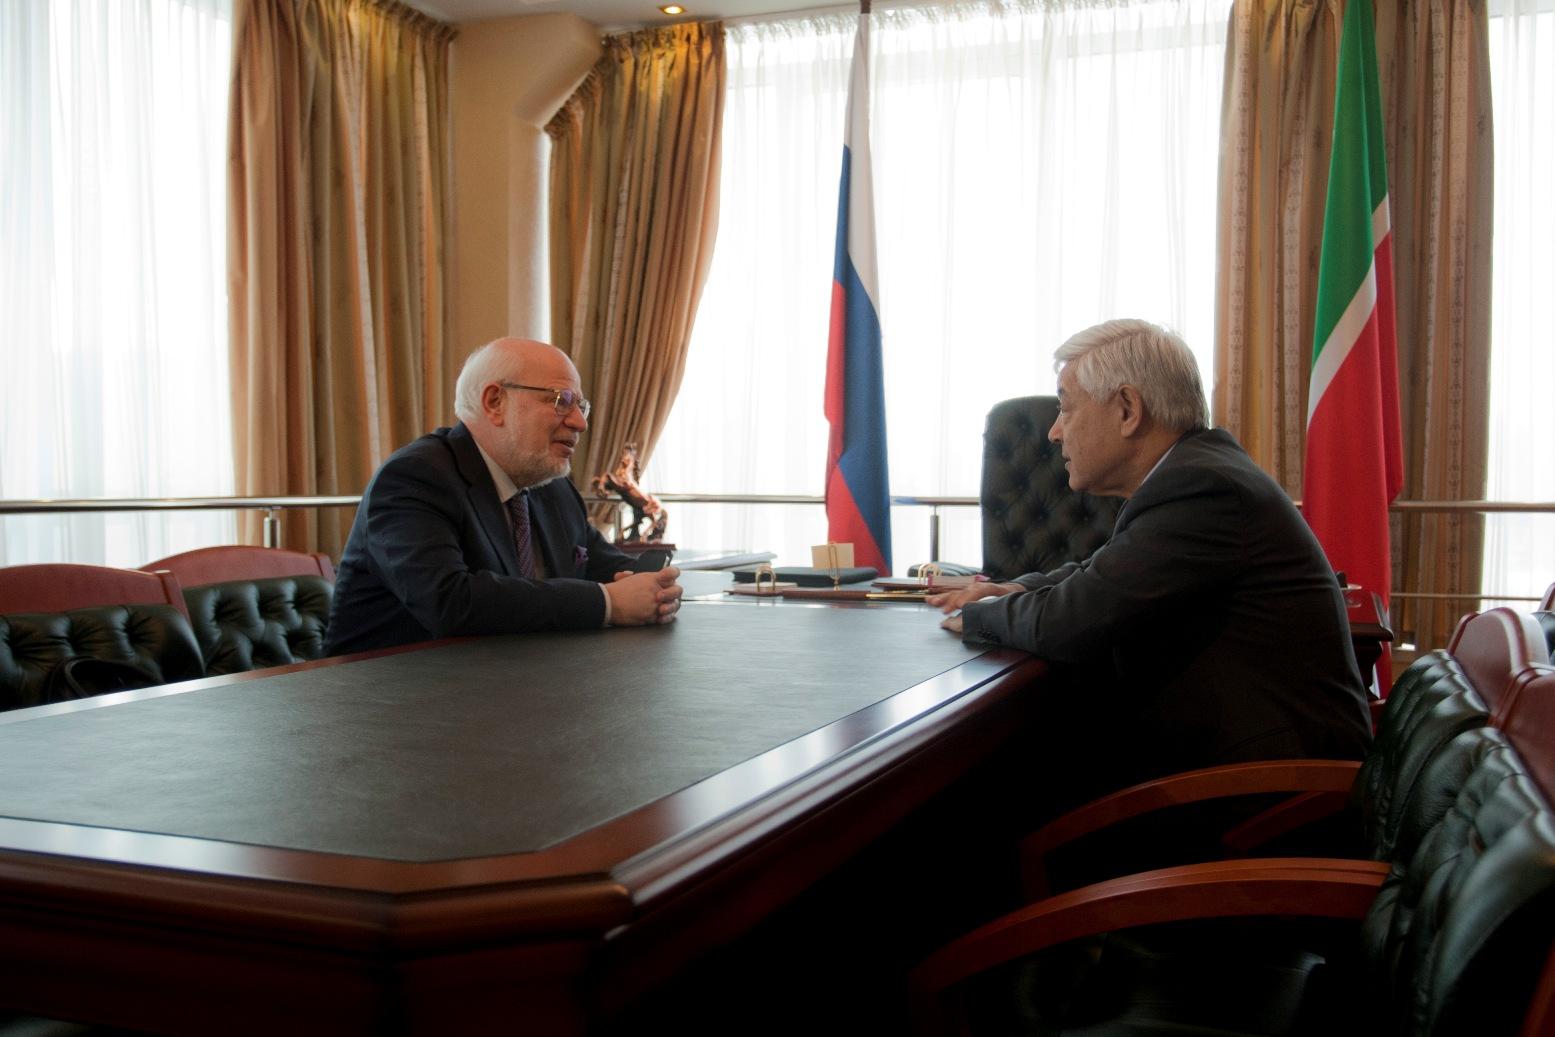 Встреча главы СПЧ Михаила Федотова и председателя Госсовета РТ Фарида Мухаметшина (Фото: сайт СПЧ)